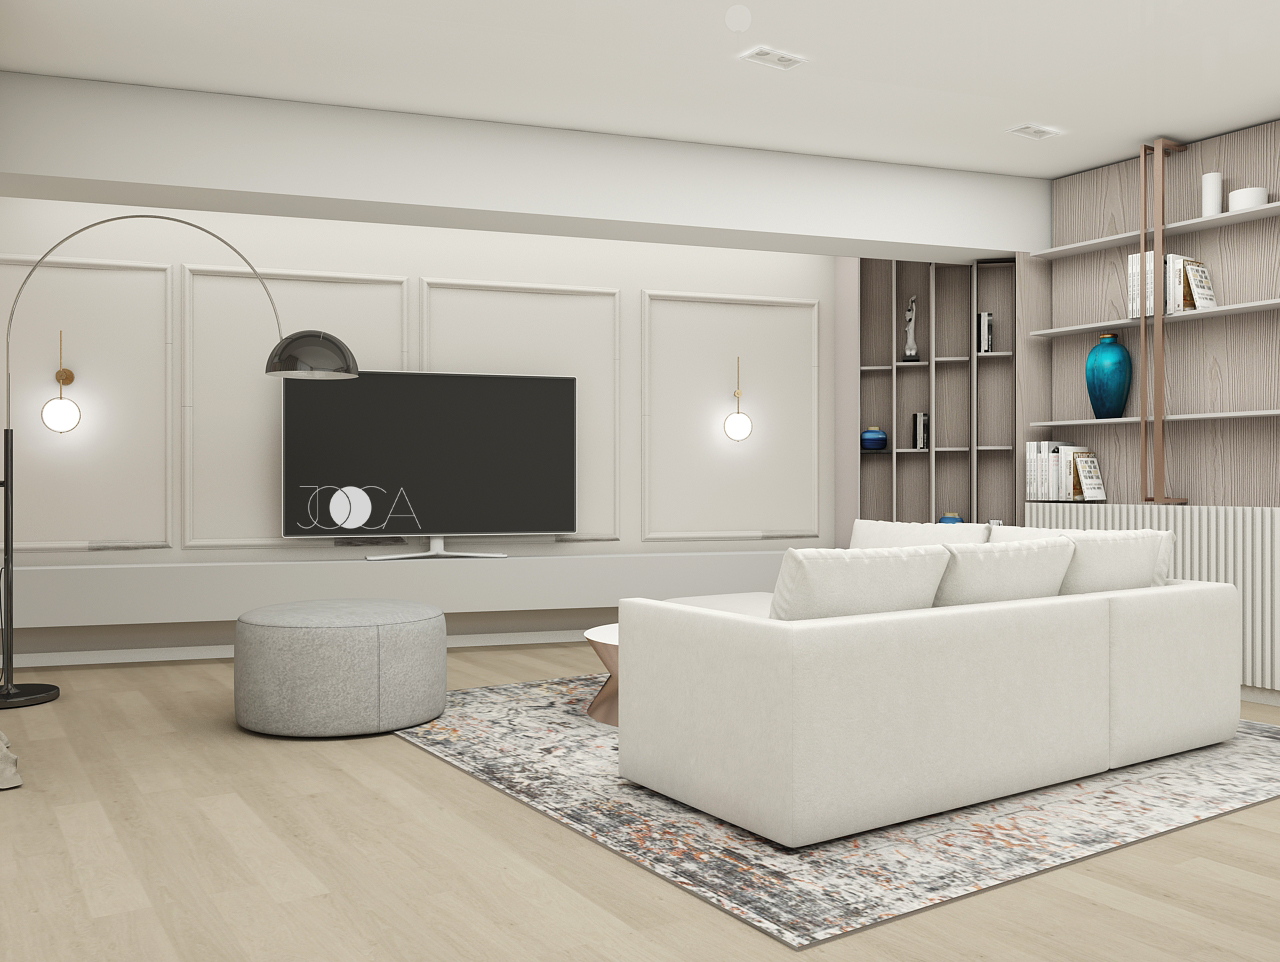 Peretele cu comoda tv este mult mai simplu. Profilele decorative cu iz clasic contrasteaza cu minimalism-ul comodei.